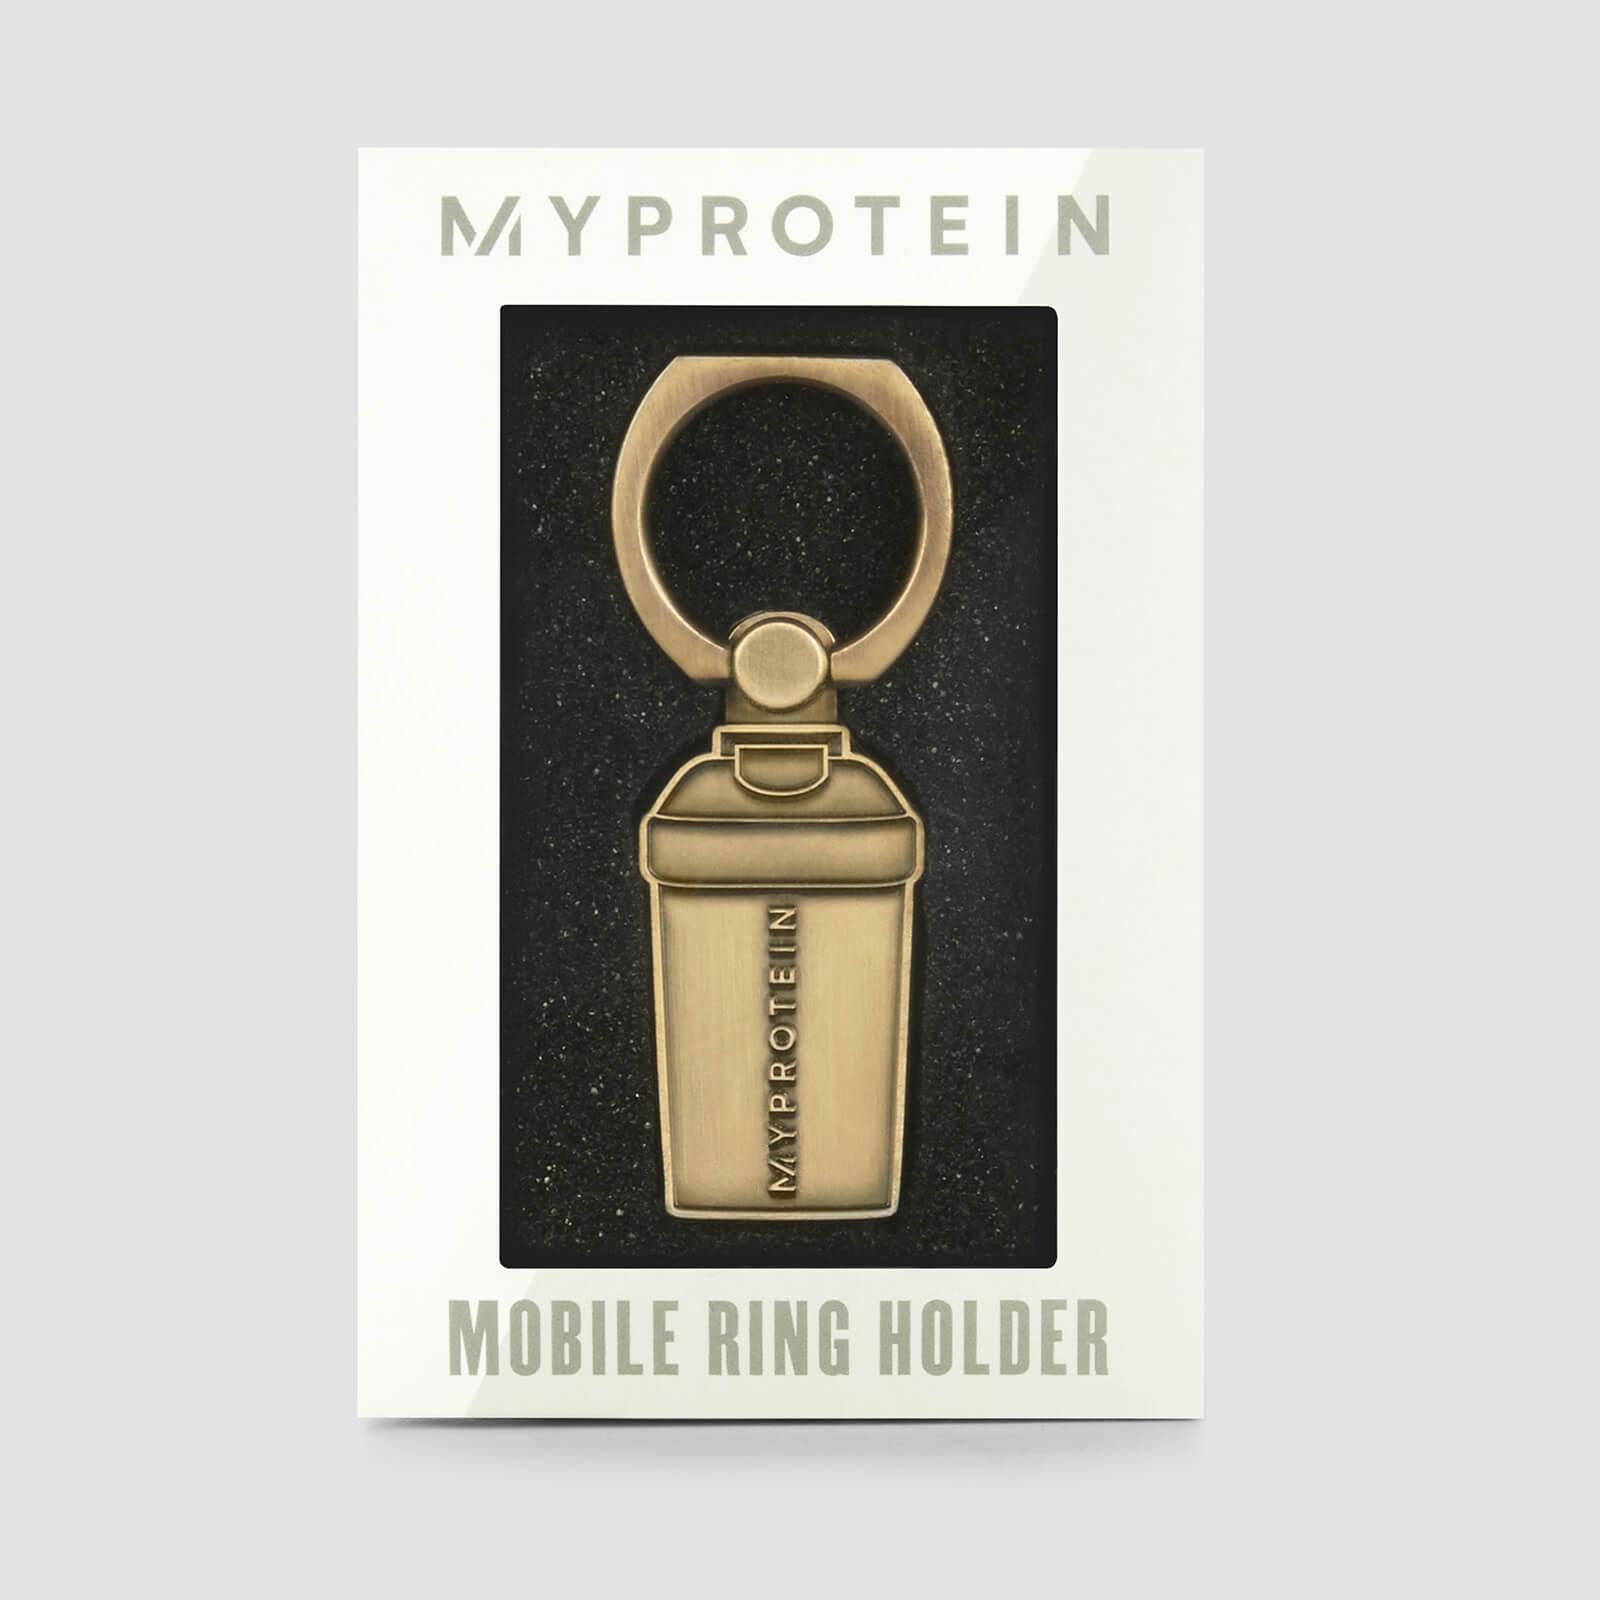 Myprotein Supporto ad Anello per il Cellulare - Bronzo